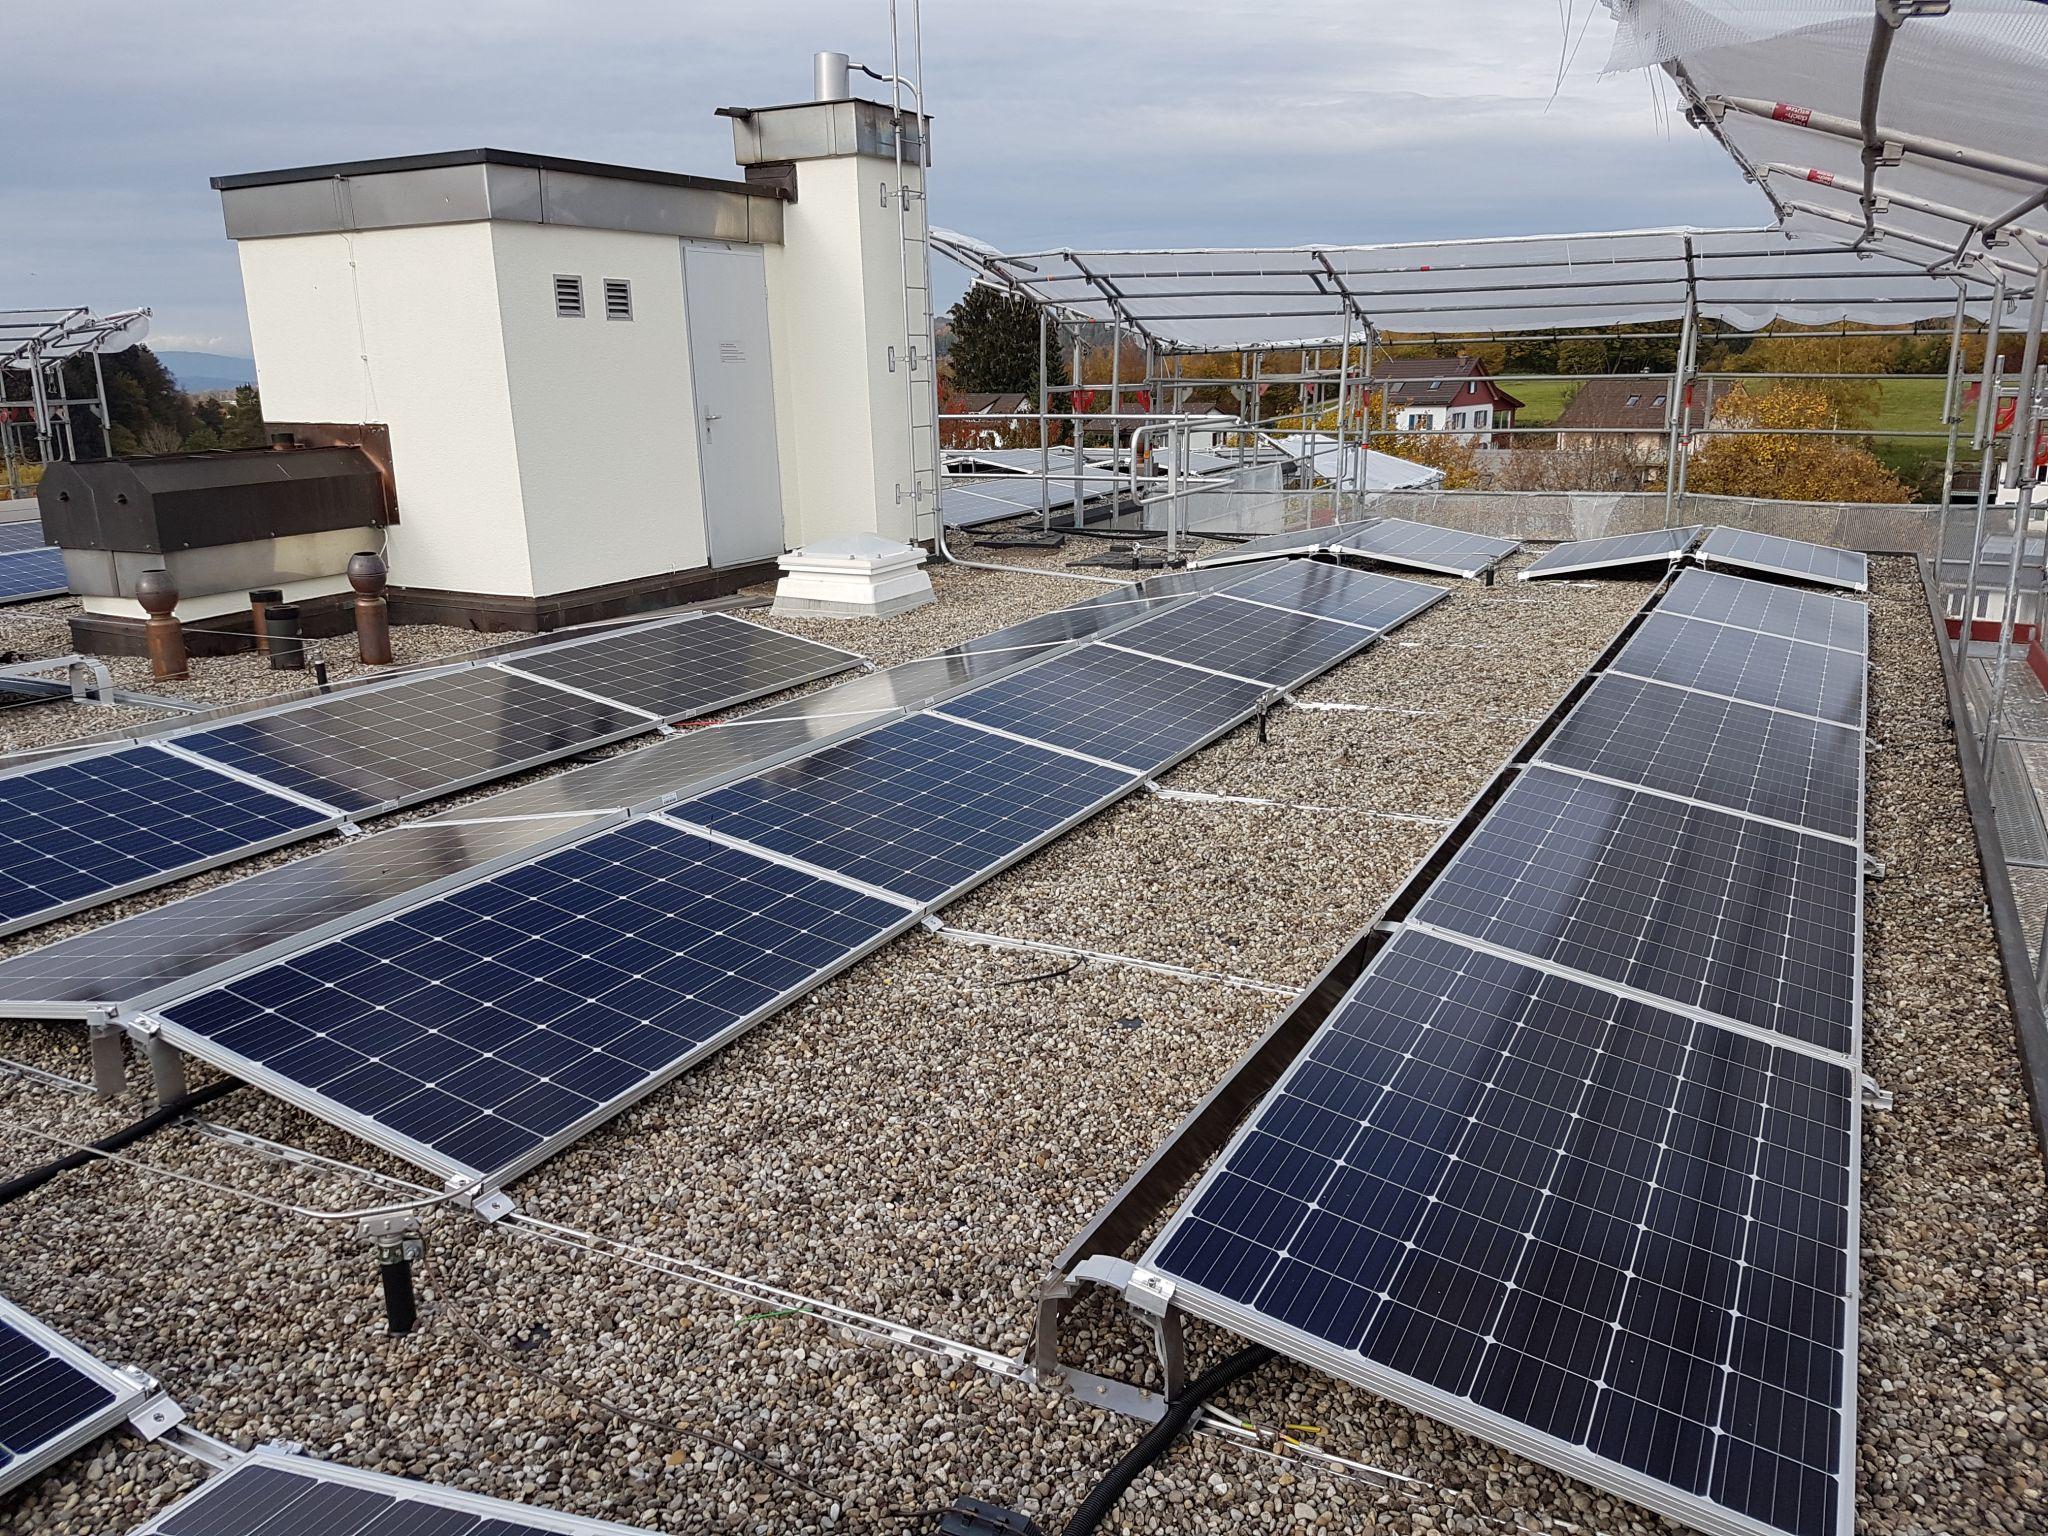 Realisation der 26.4 kW Solaranlage